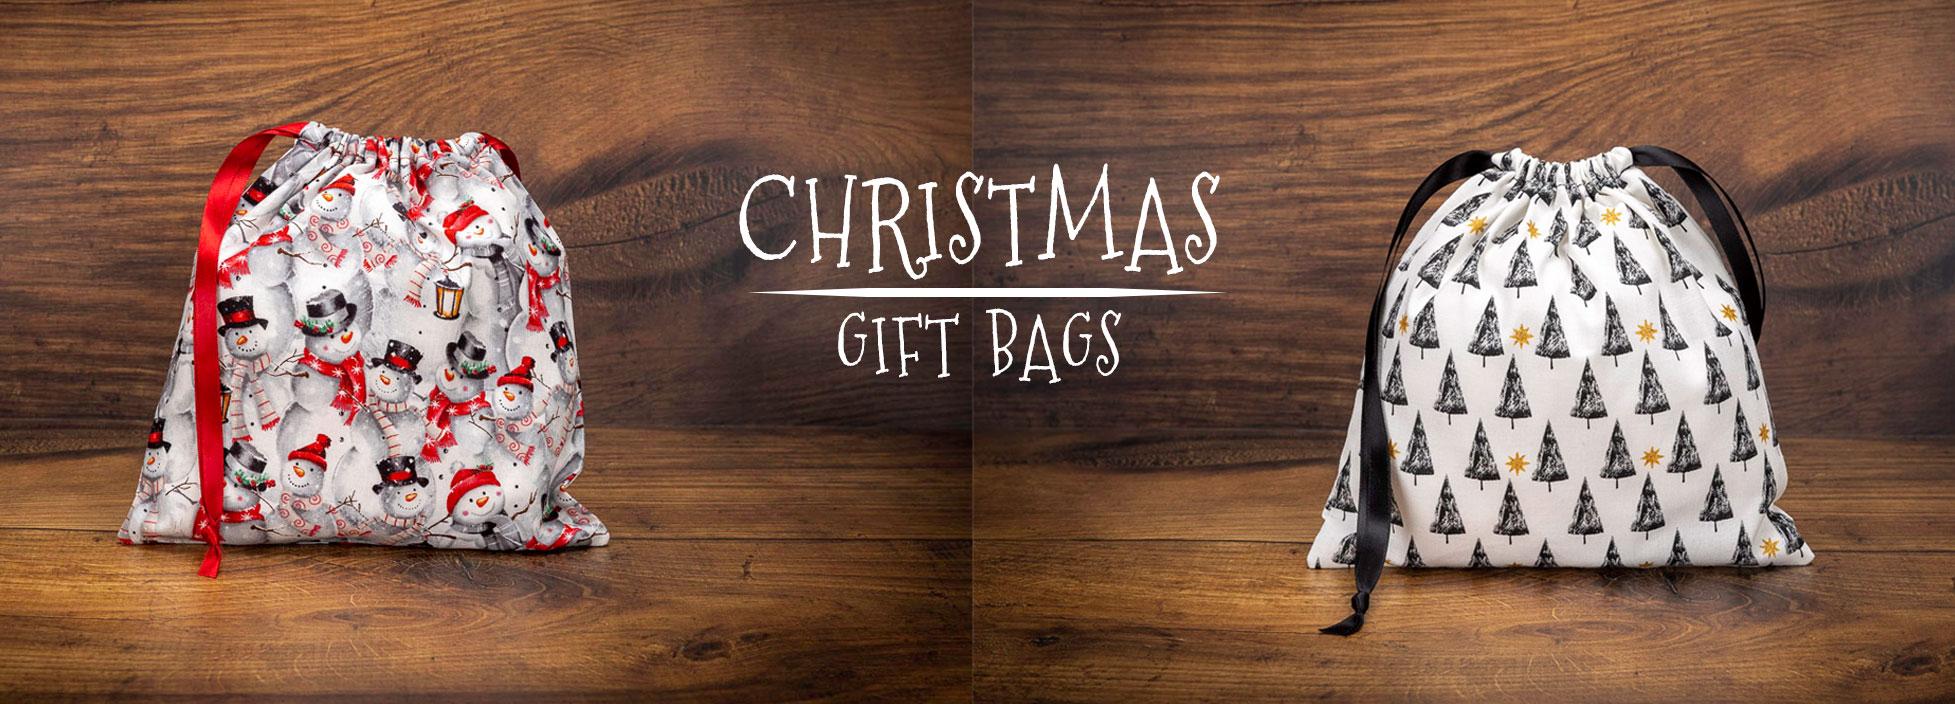 Christmas-Gift-Bags